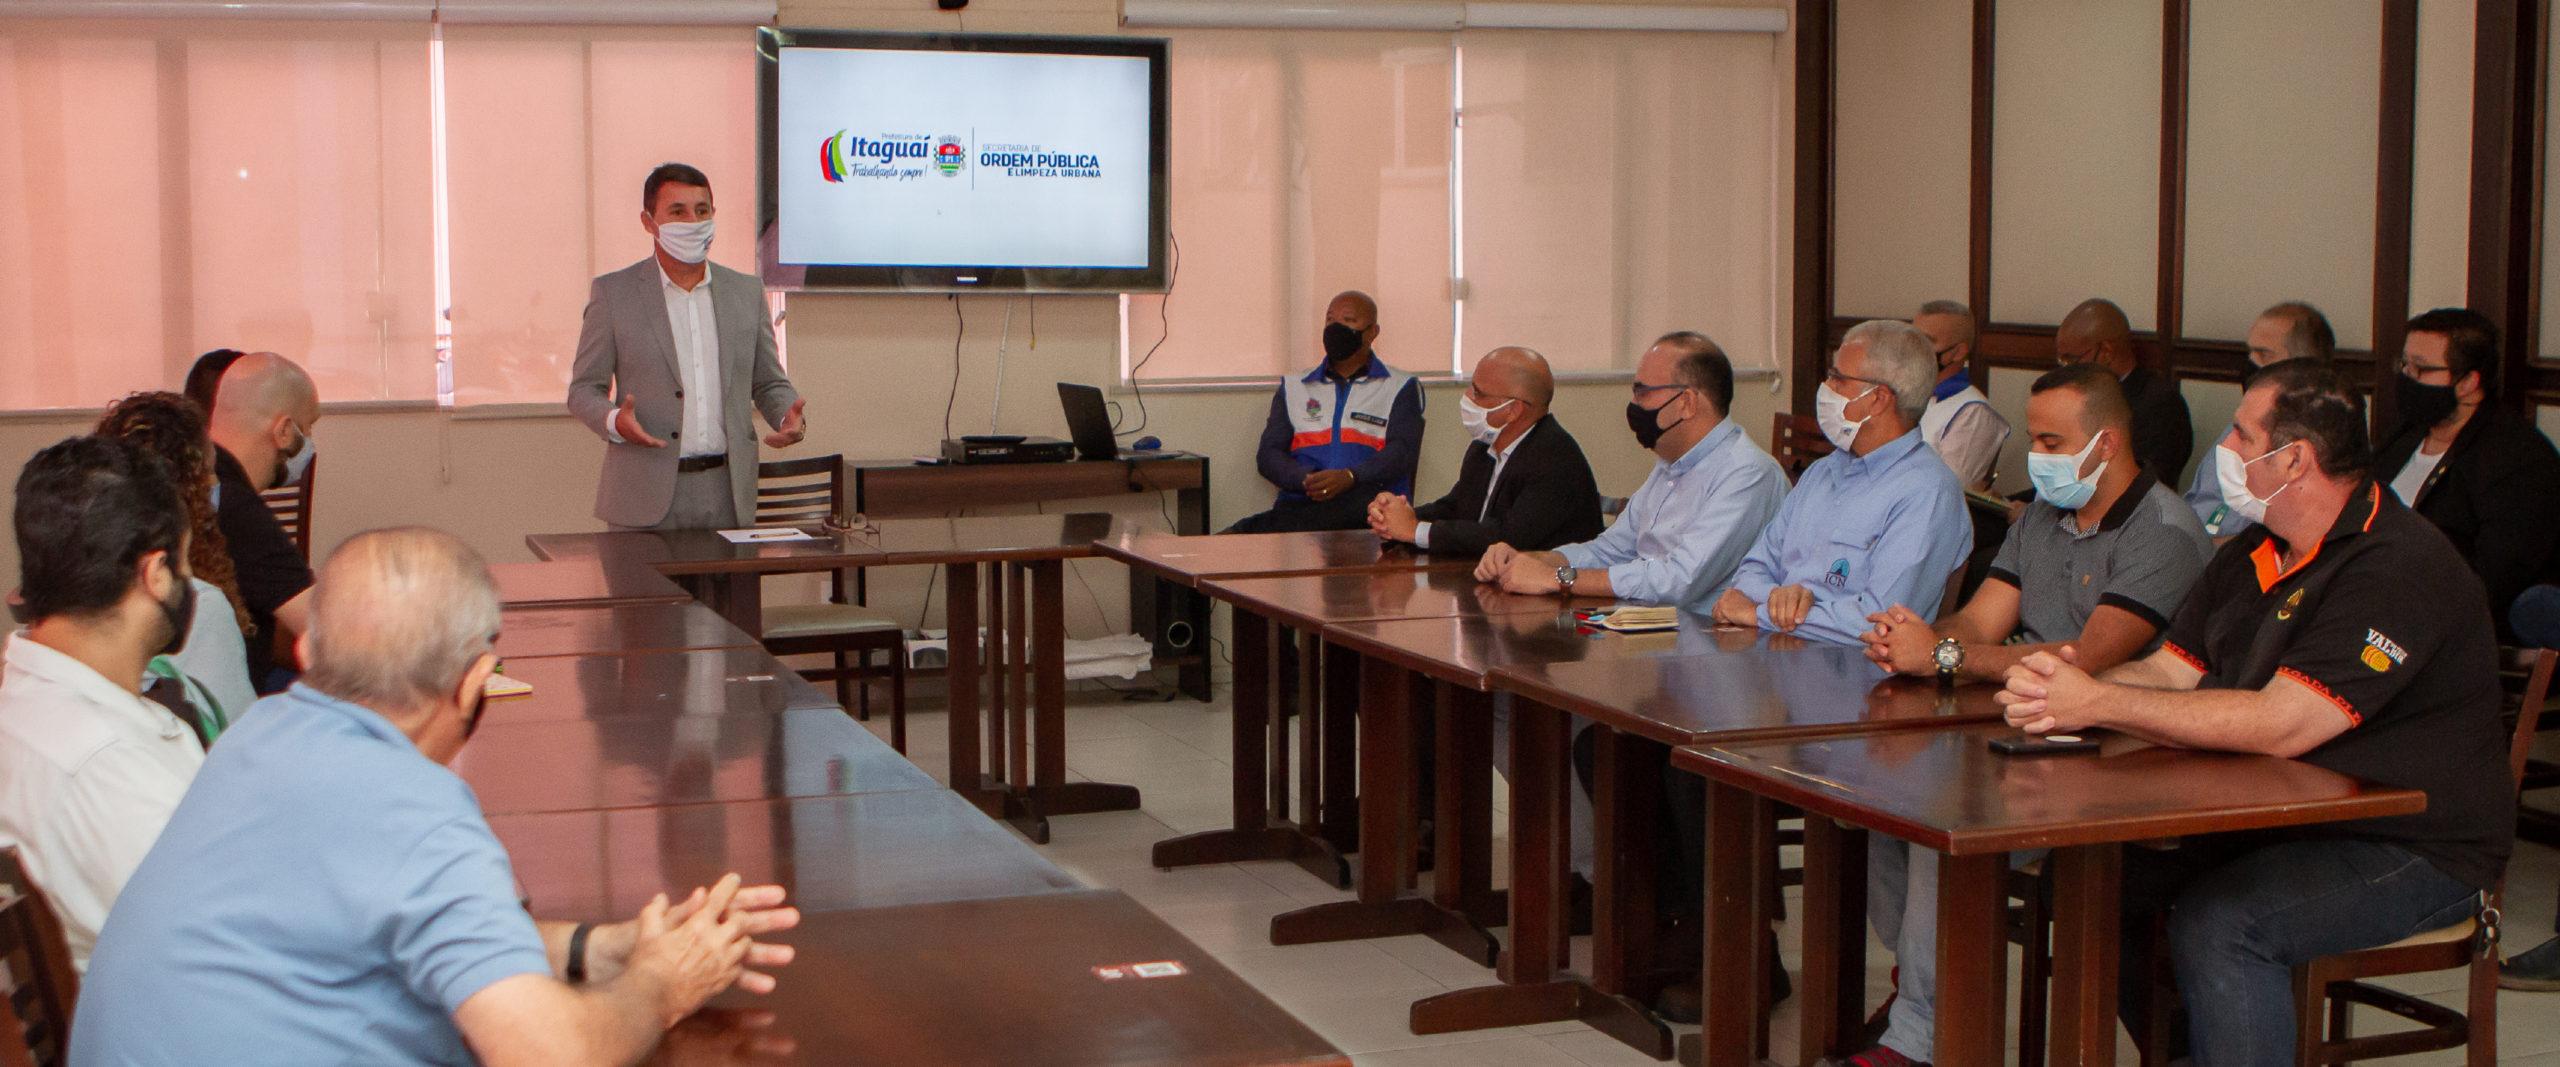 Prefeitura promove reunião entre integrantes do comércio e da indústria